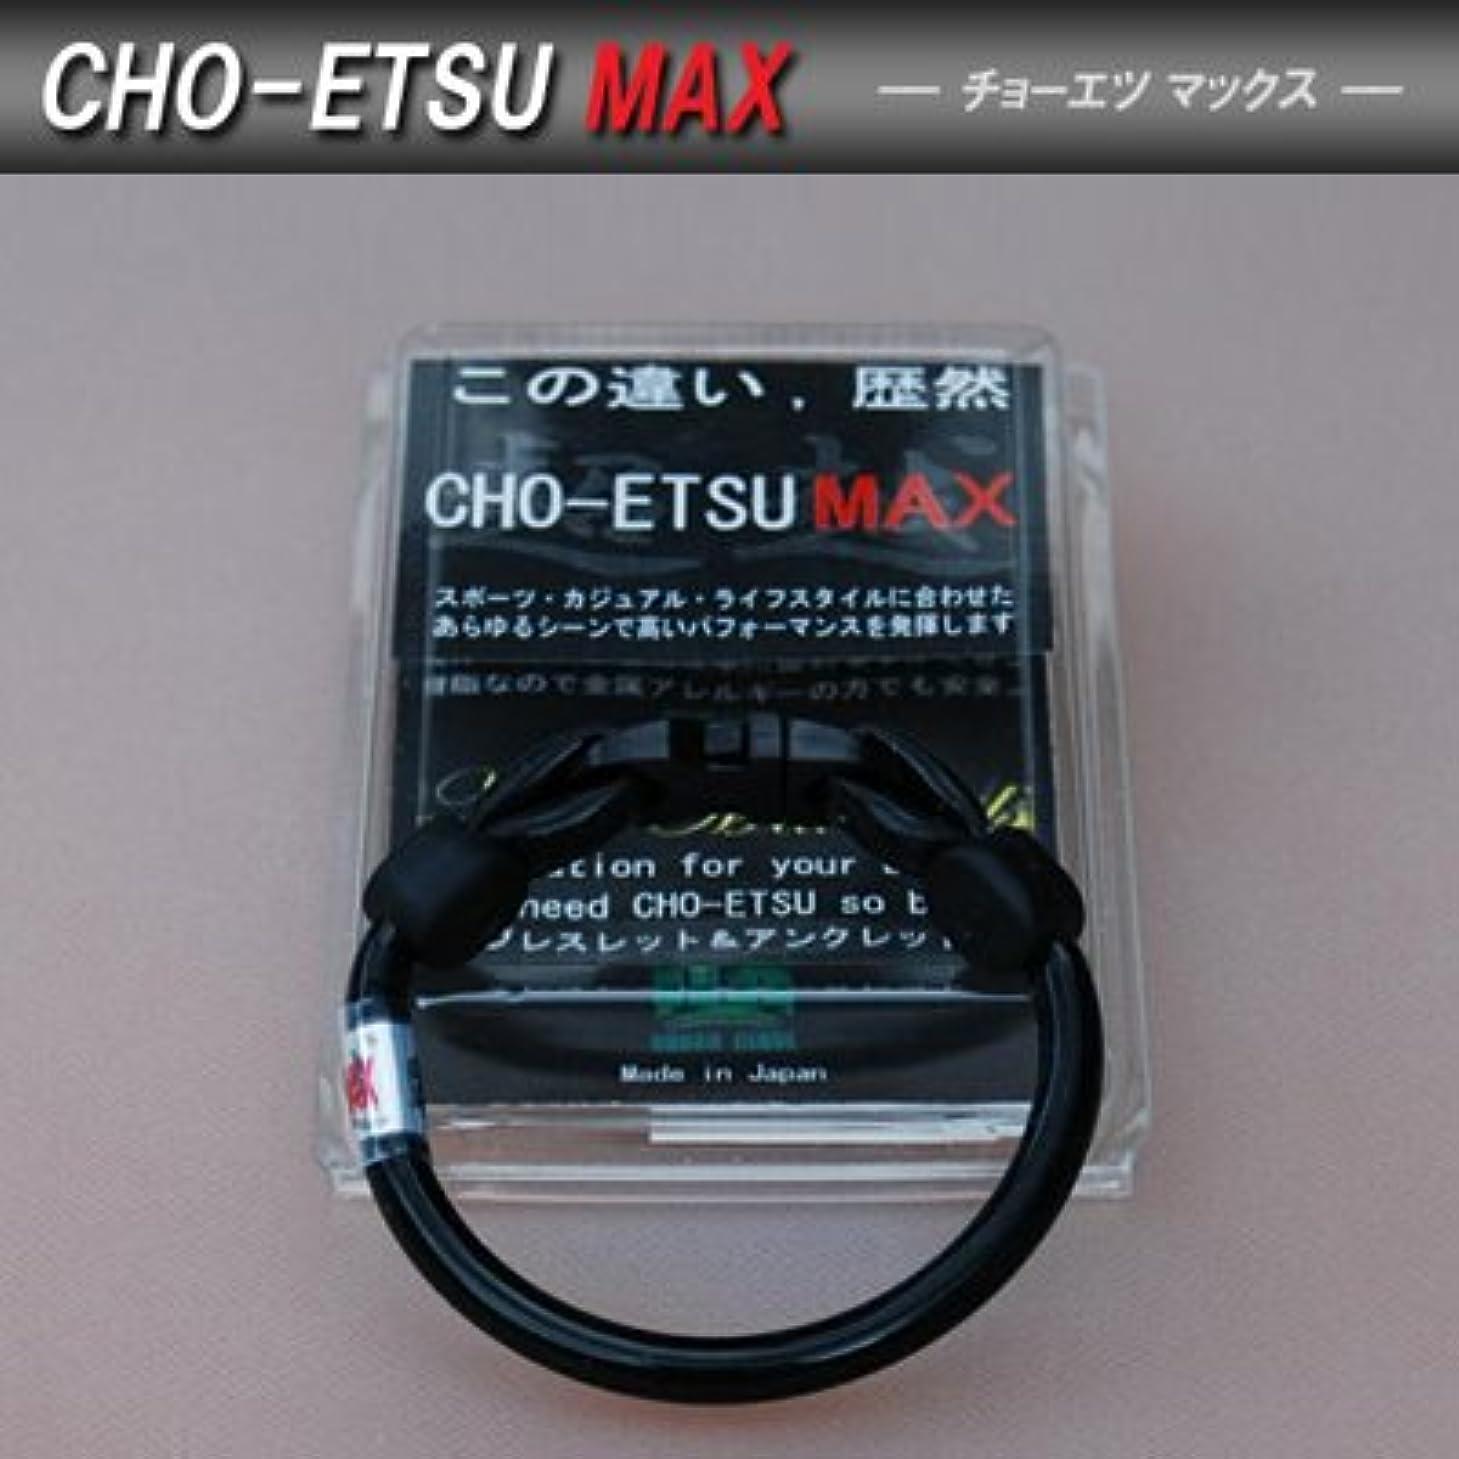 負担お金先住民【セルクルX搭載の健康アクセサリー】【新型】超越MAX CHO-ETSU MAX(チョーエツマックス)  ブレスレット&アンクレットLサイズ ブラック